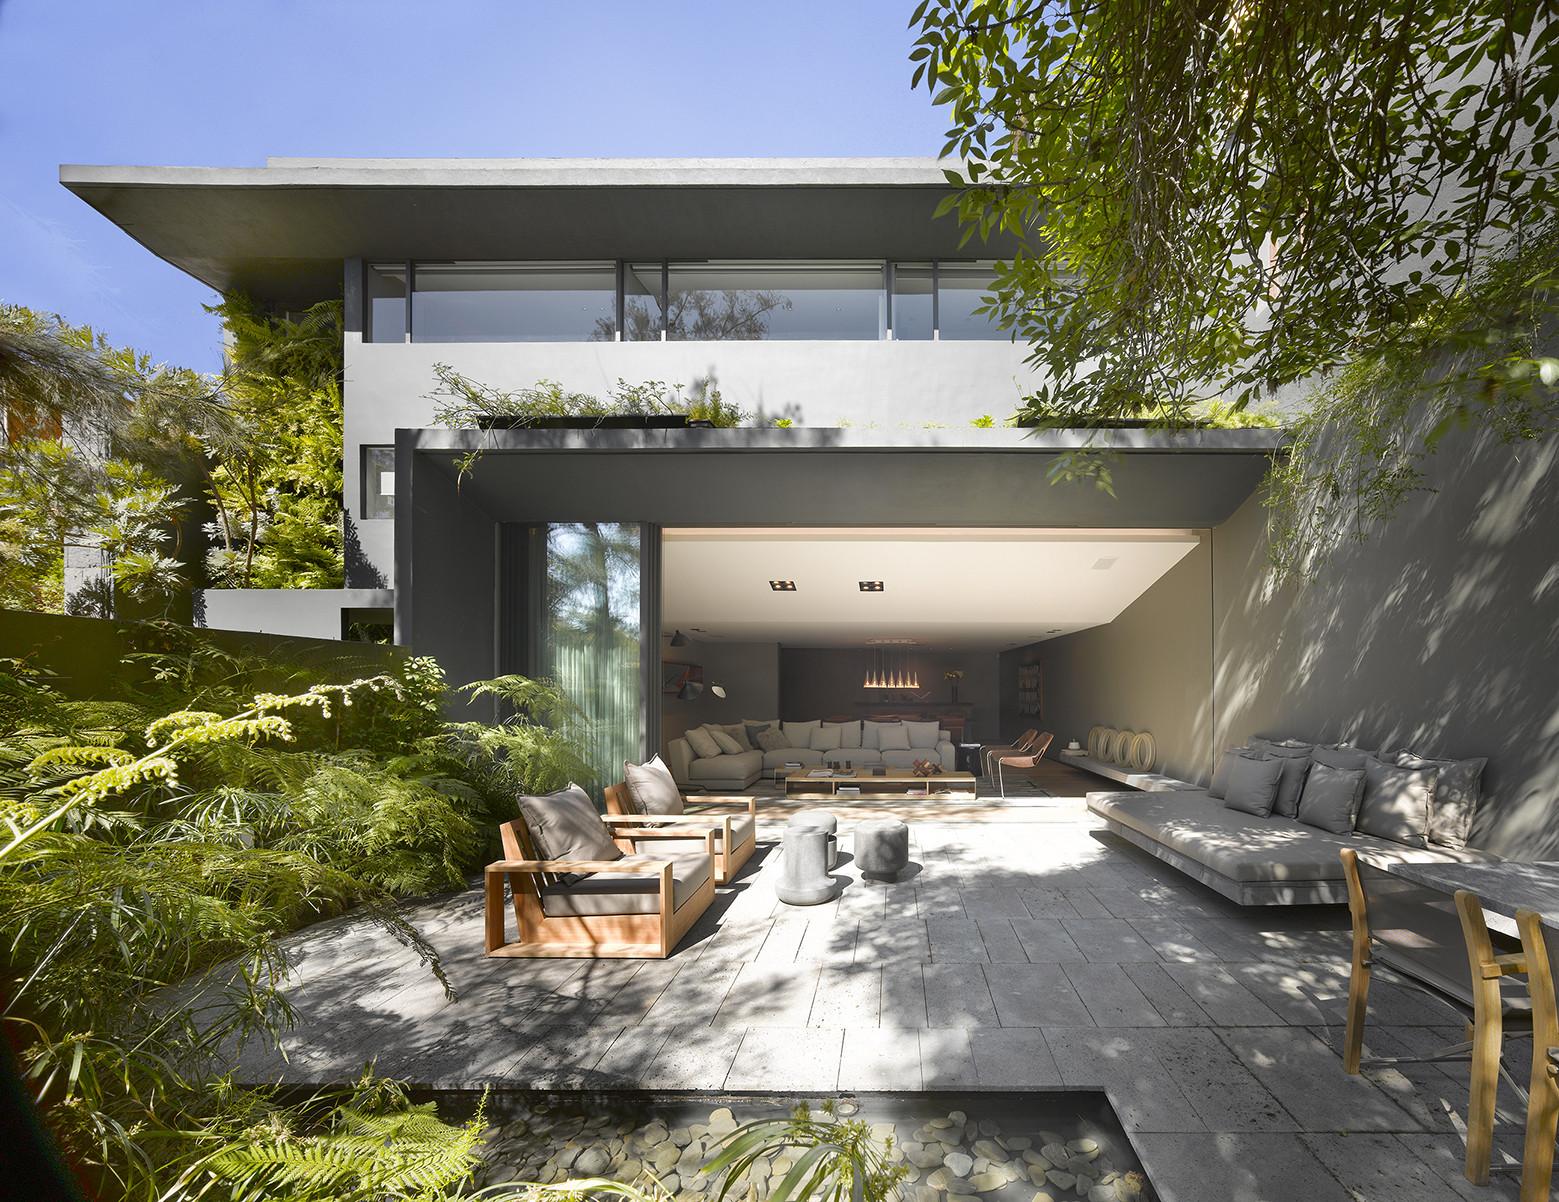 The Barrancas House / EZEQUIELFARCA arquitectura y diseño